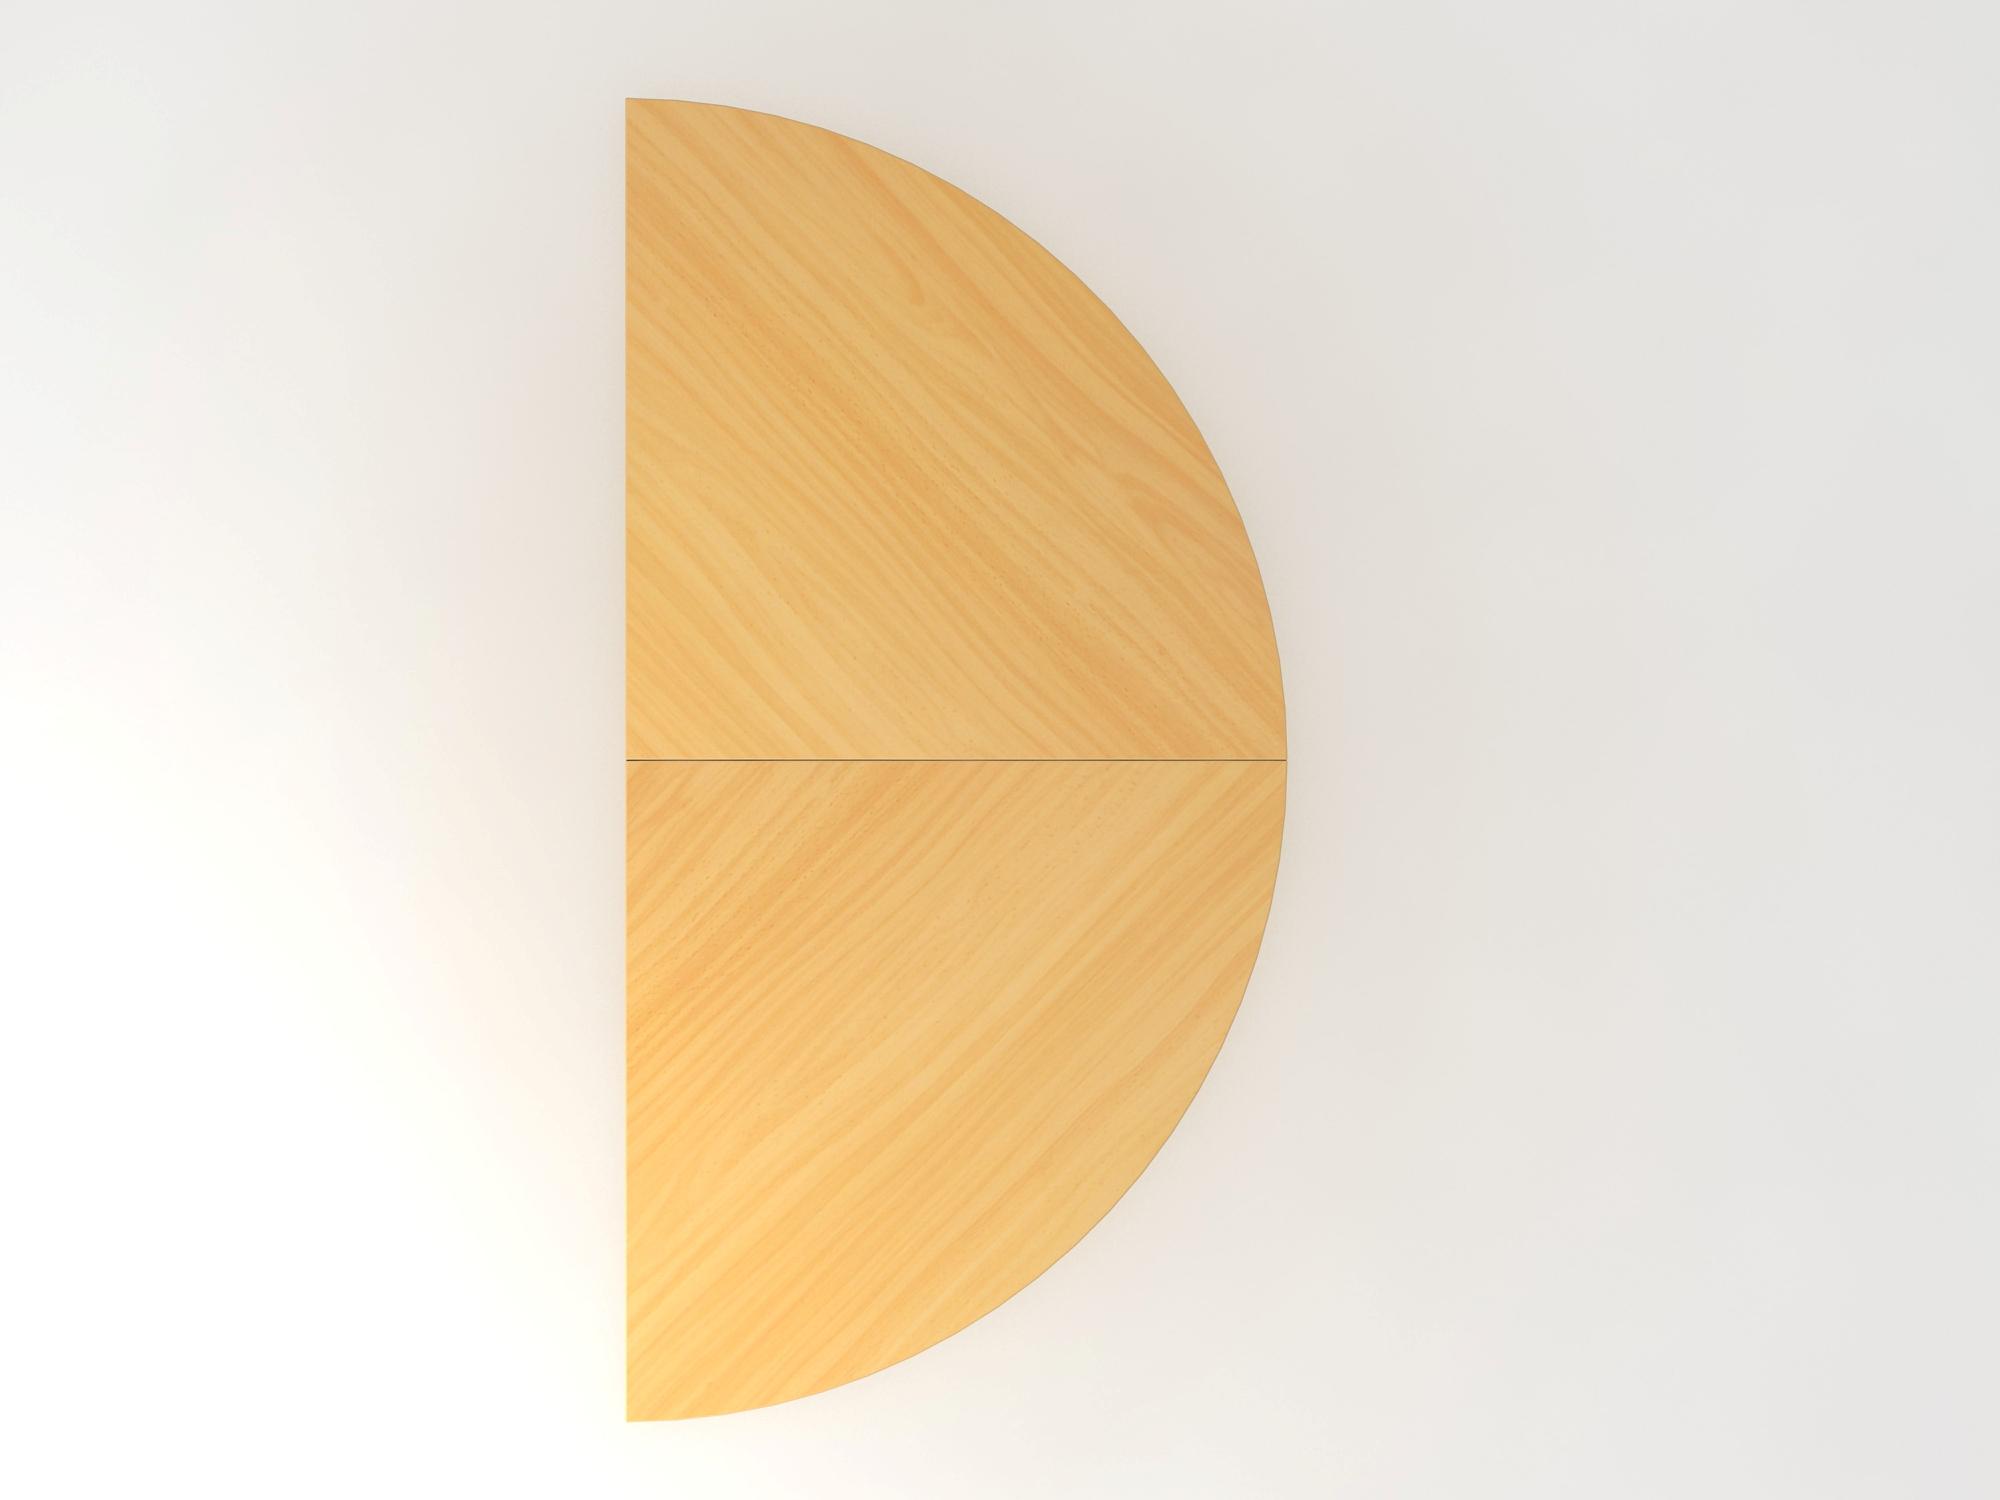 Anbautisch 2xViertelkreis/STF Buche/Weiß